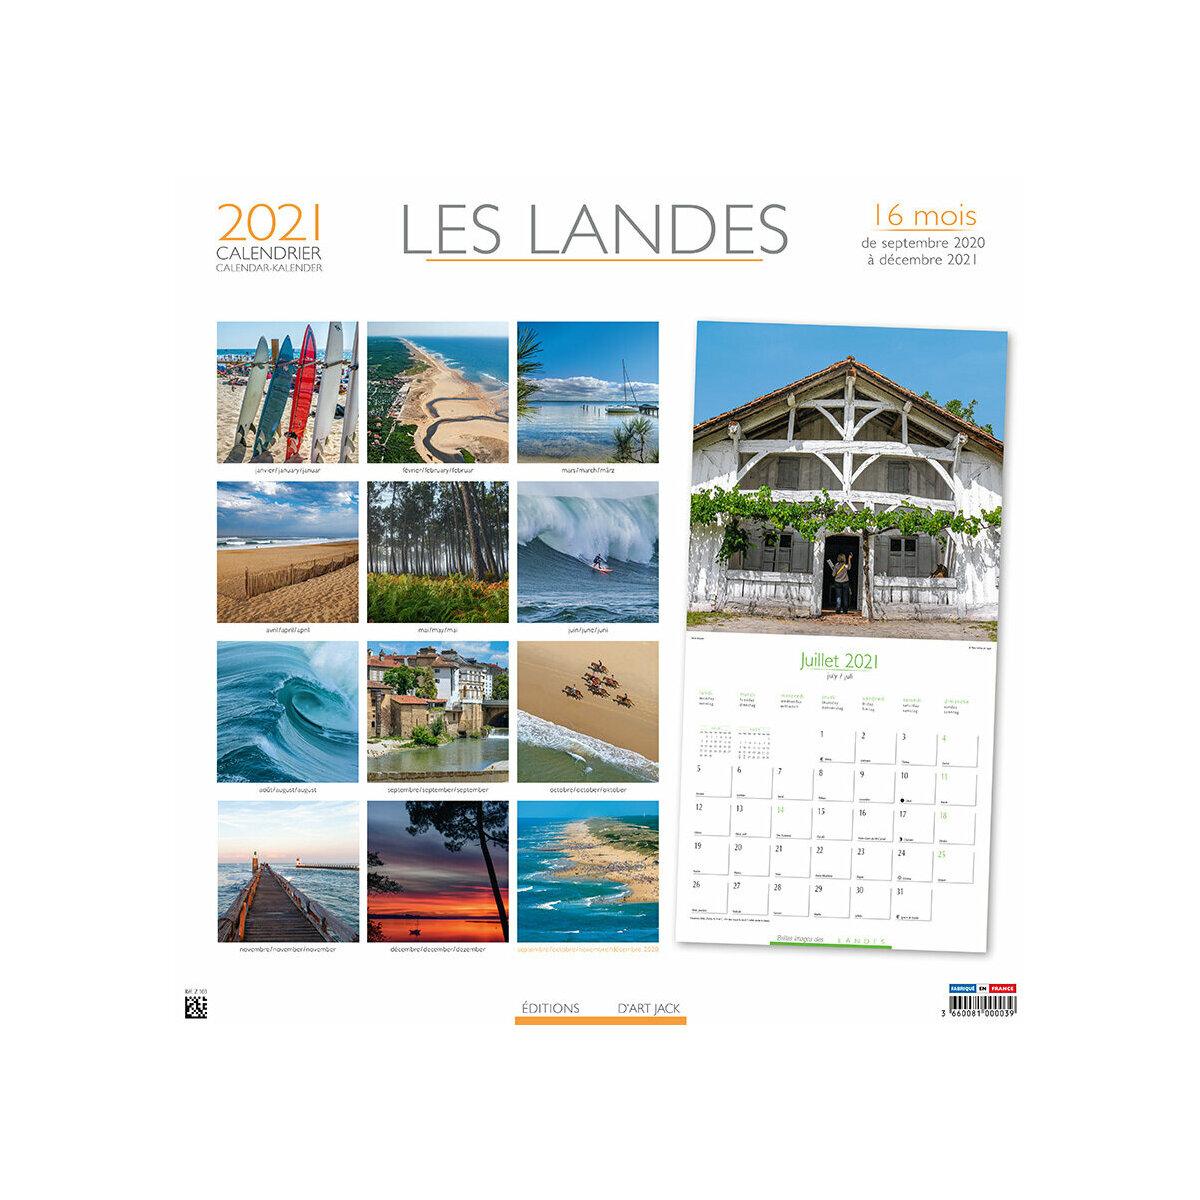 Calendrier 2021 Les landes   plage